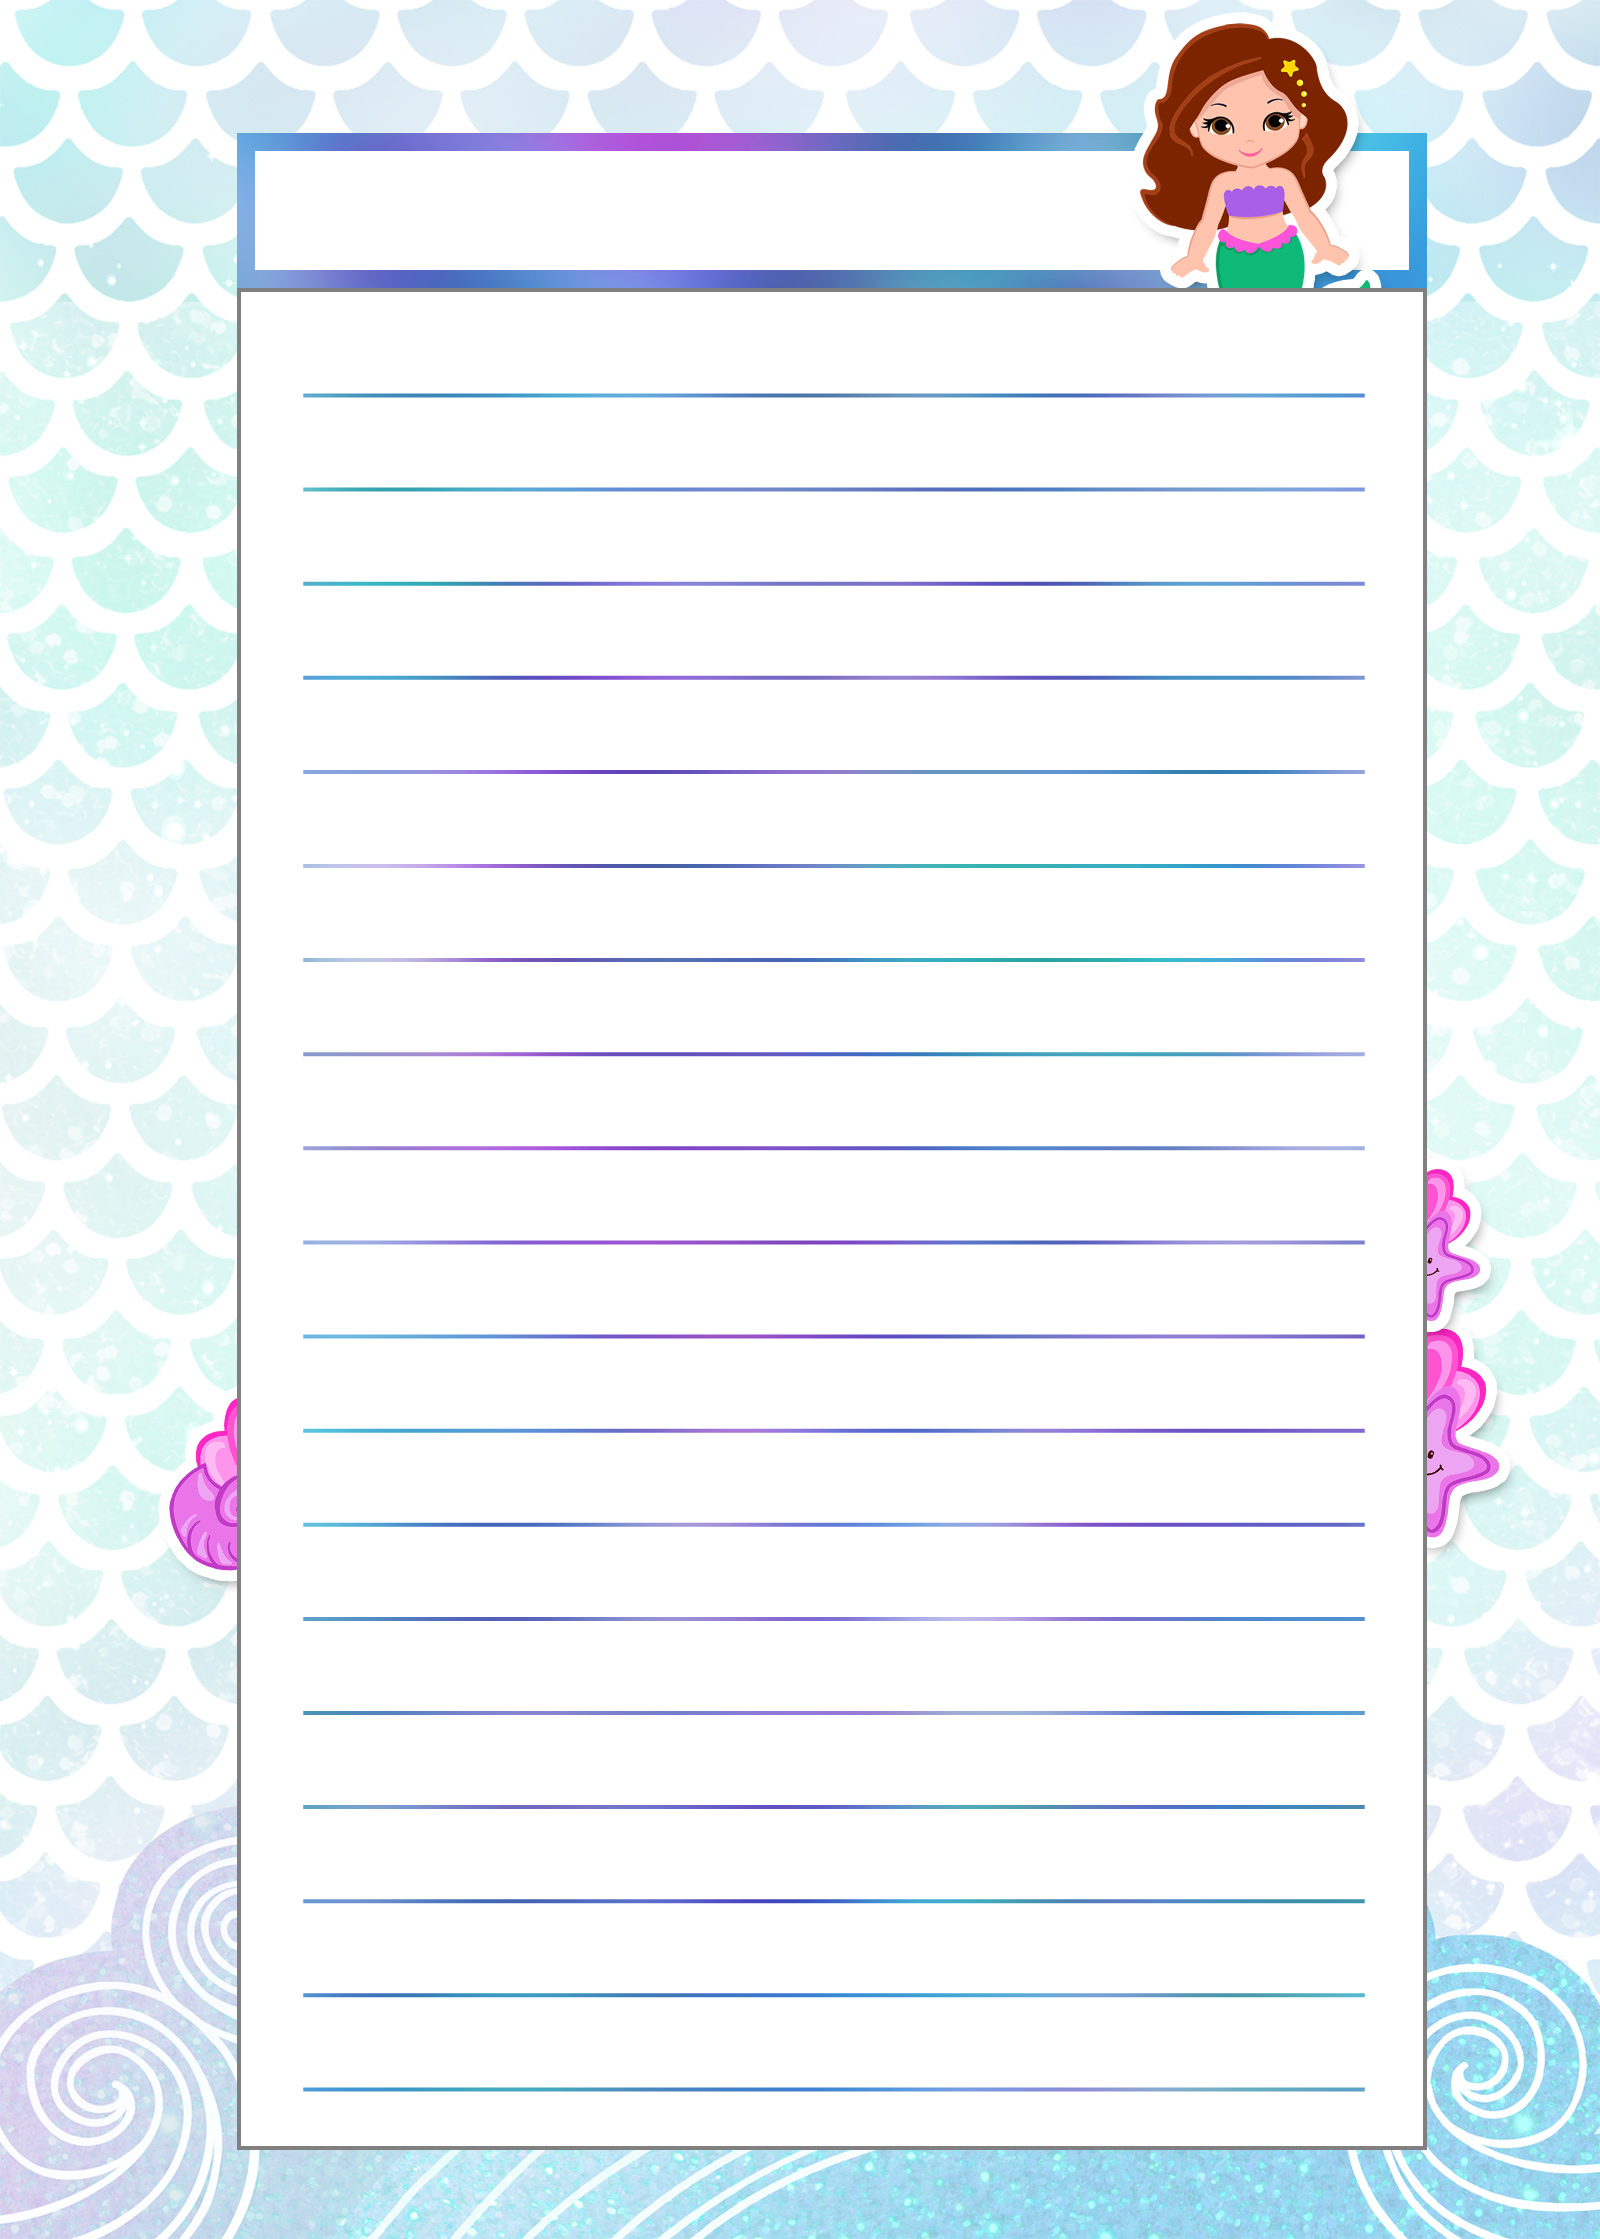 Caderno de Planejamento para Professores tema Sereia Modelo em Branco